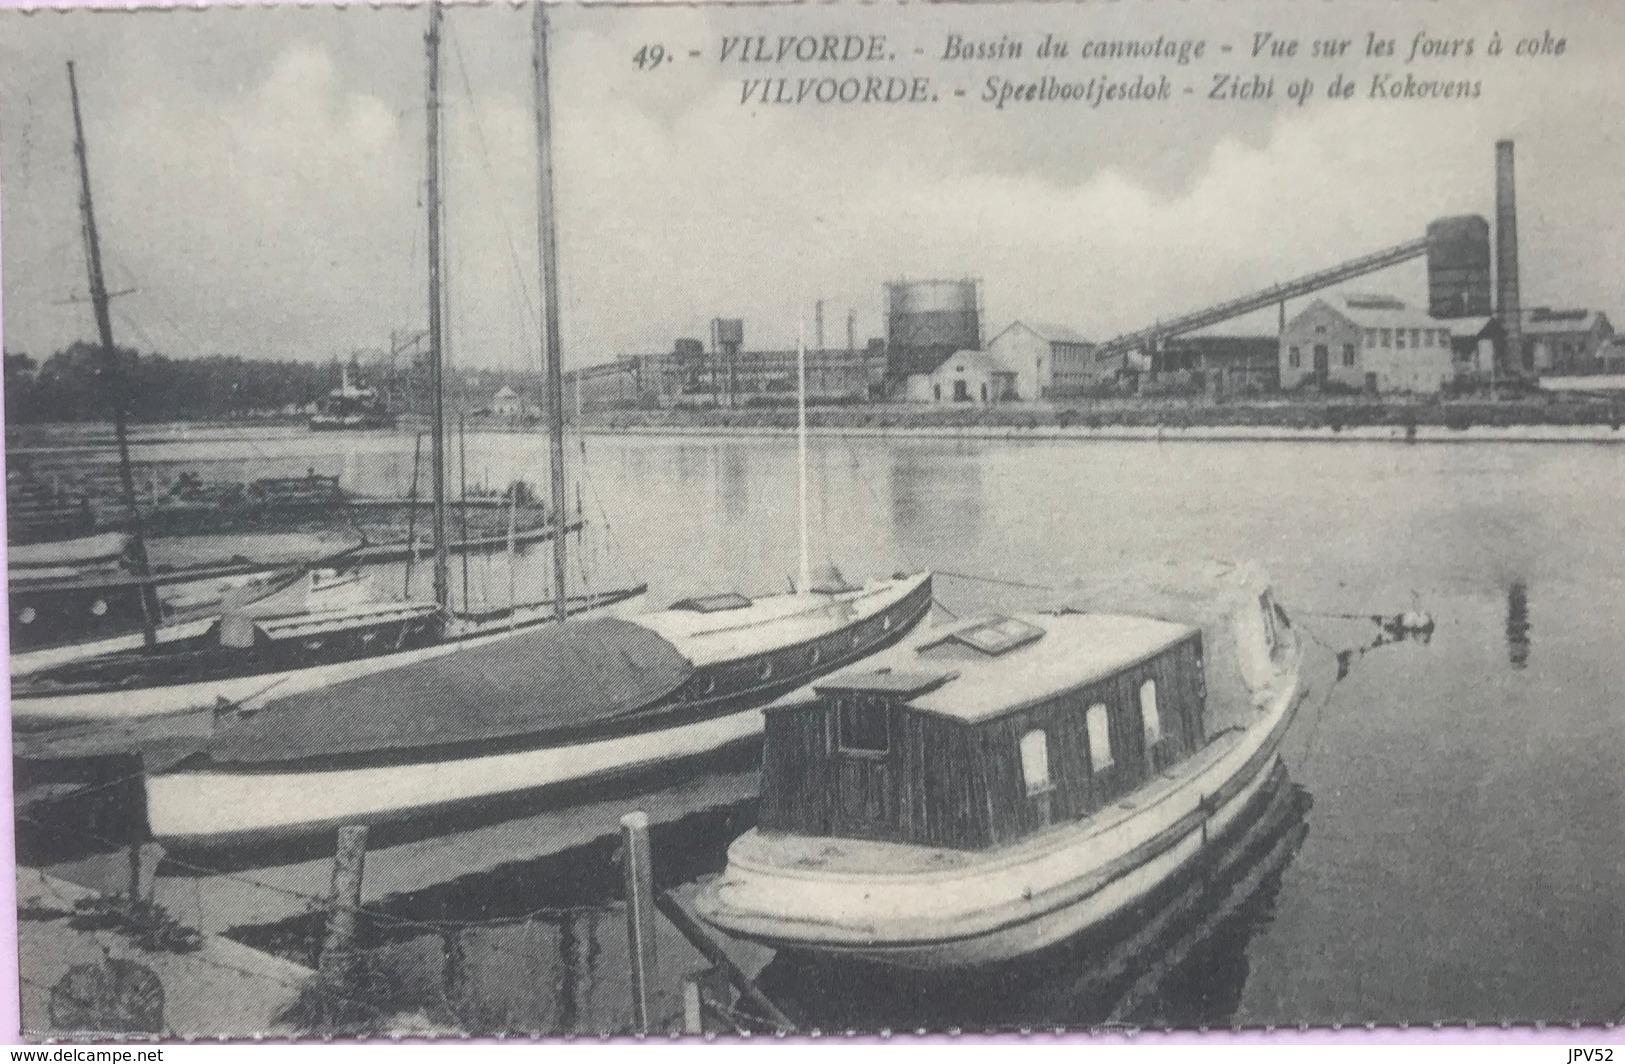 (2159) Vilvoorde - Vilvorde - Speelbootjesdok - Bassin De Cannotage - Zicht Op De Kokovens - 1920 - Vilvoorde